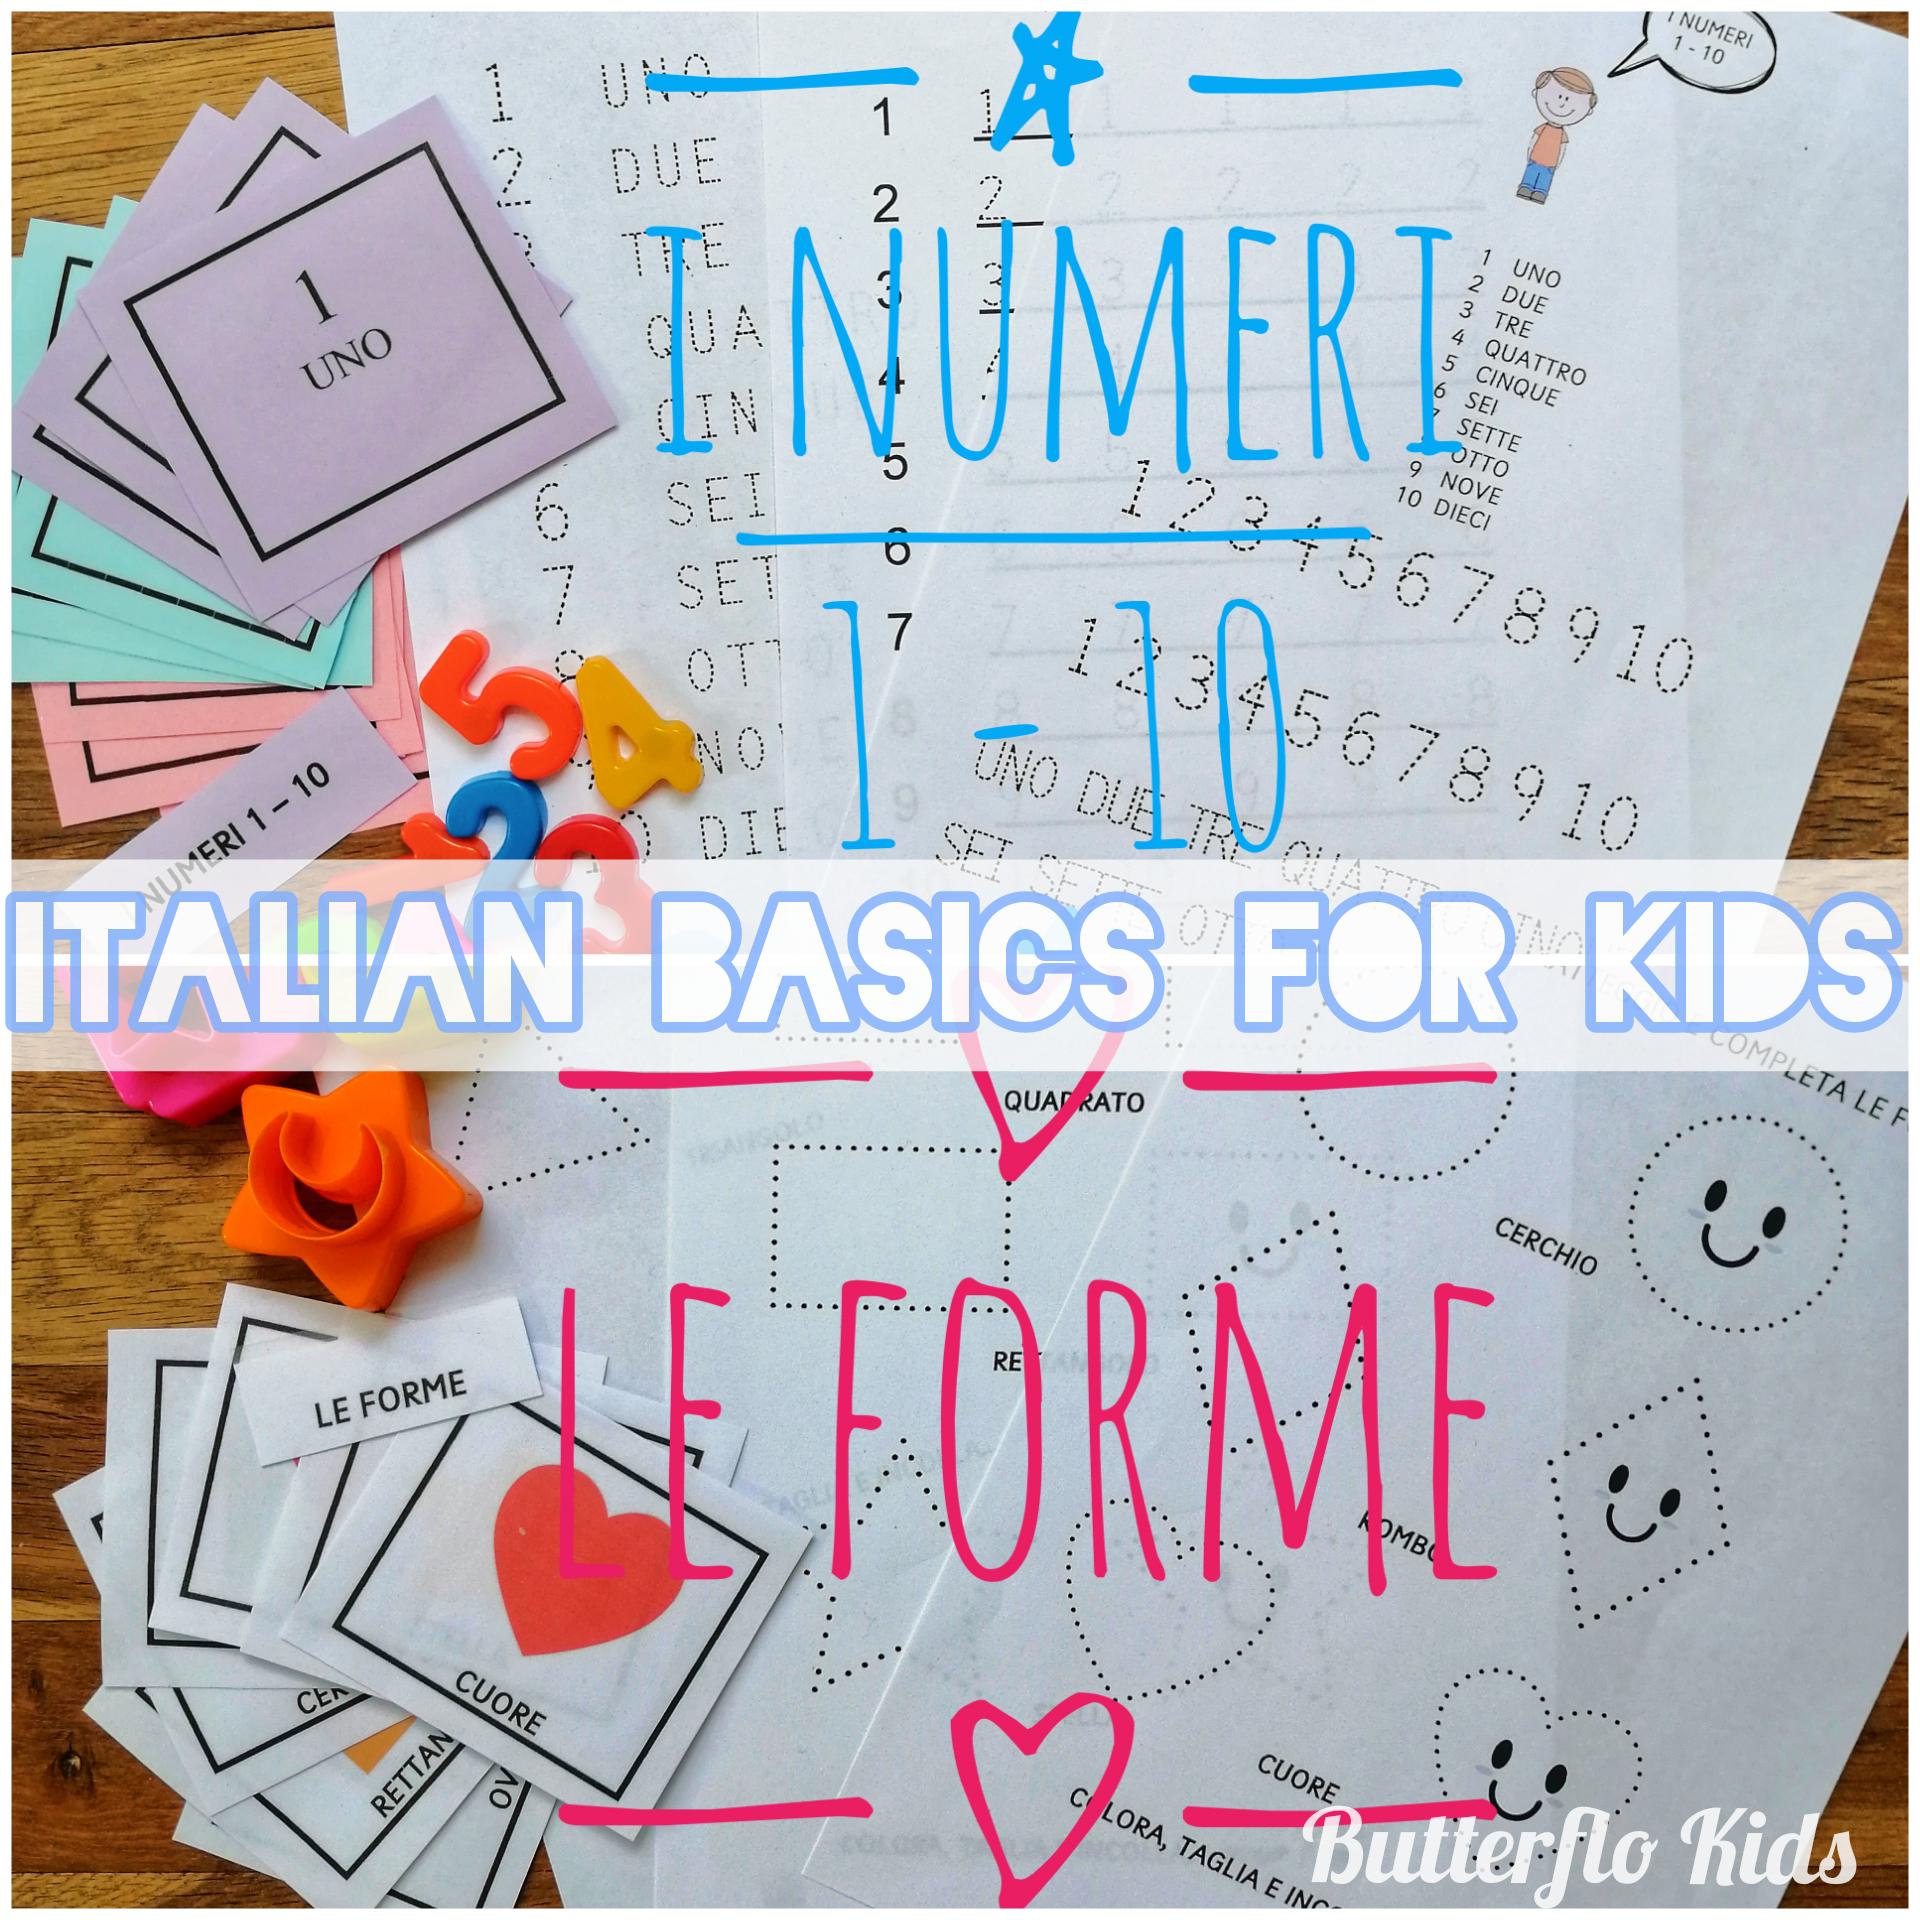 ITALIAN BASICS FOR KIDS